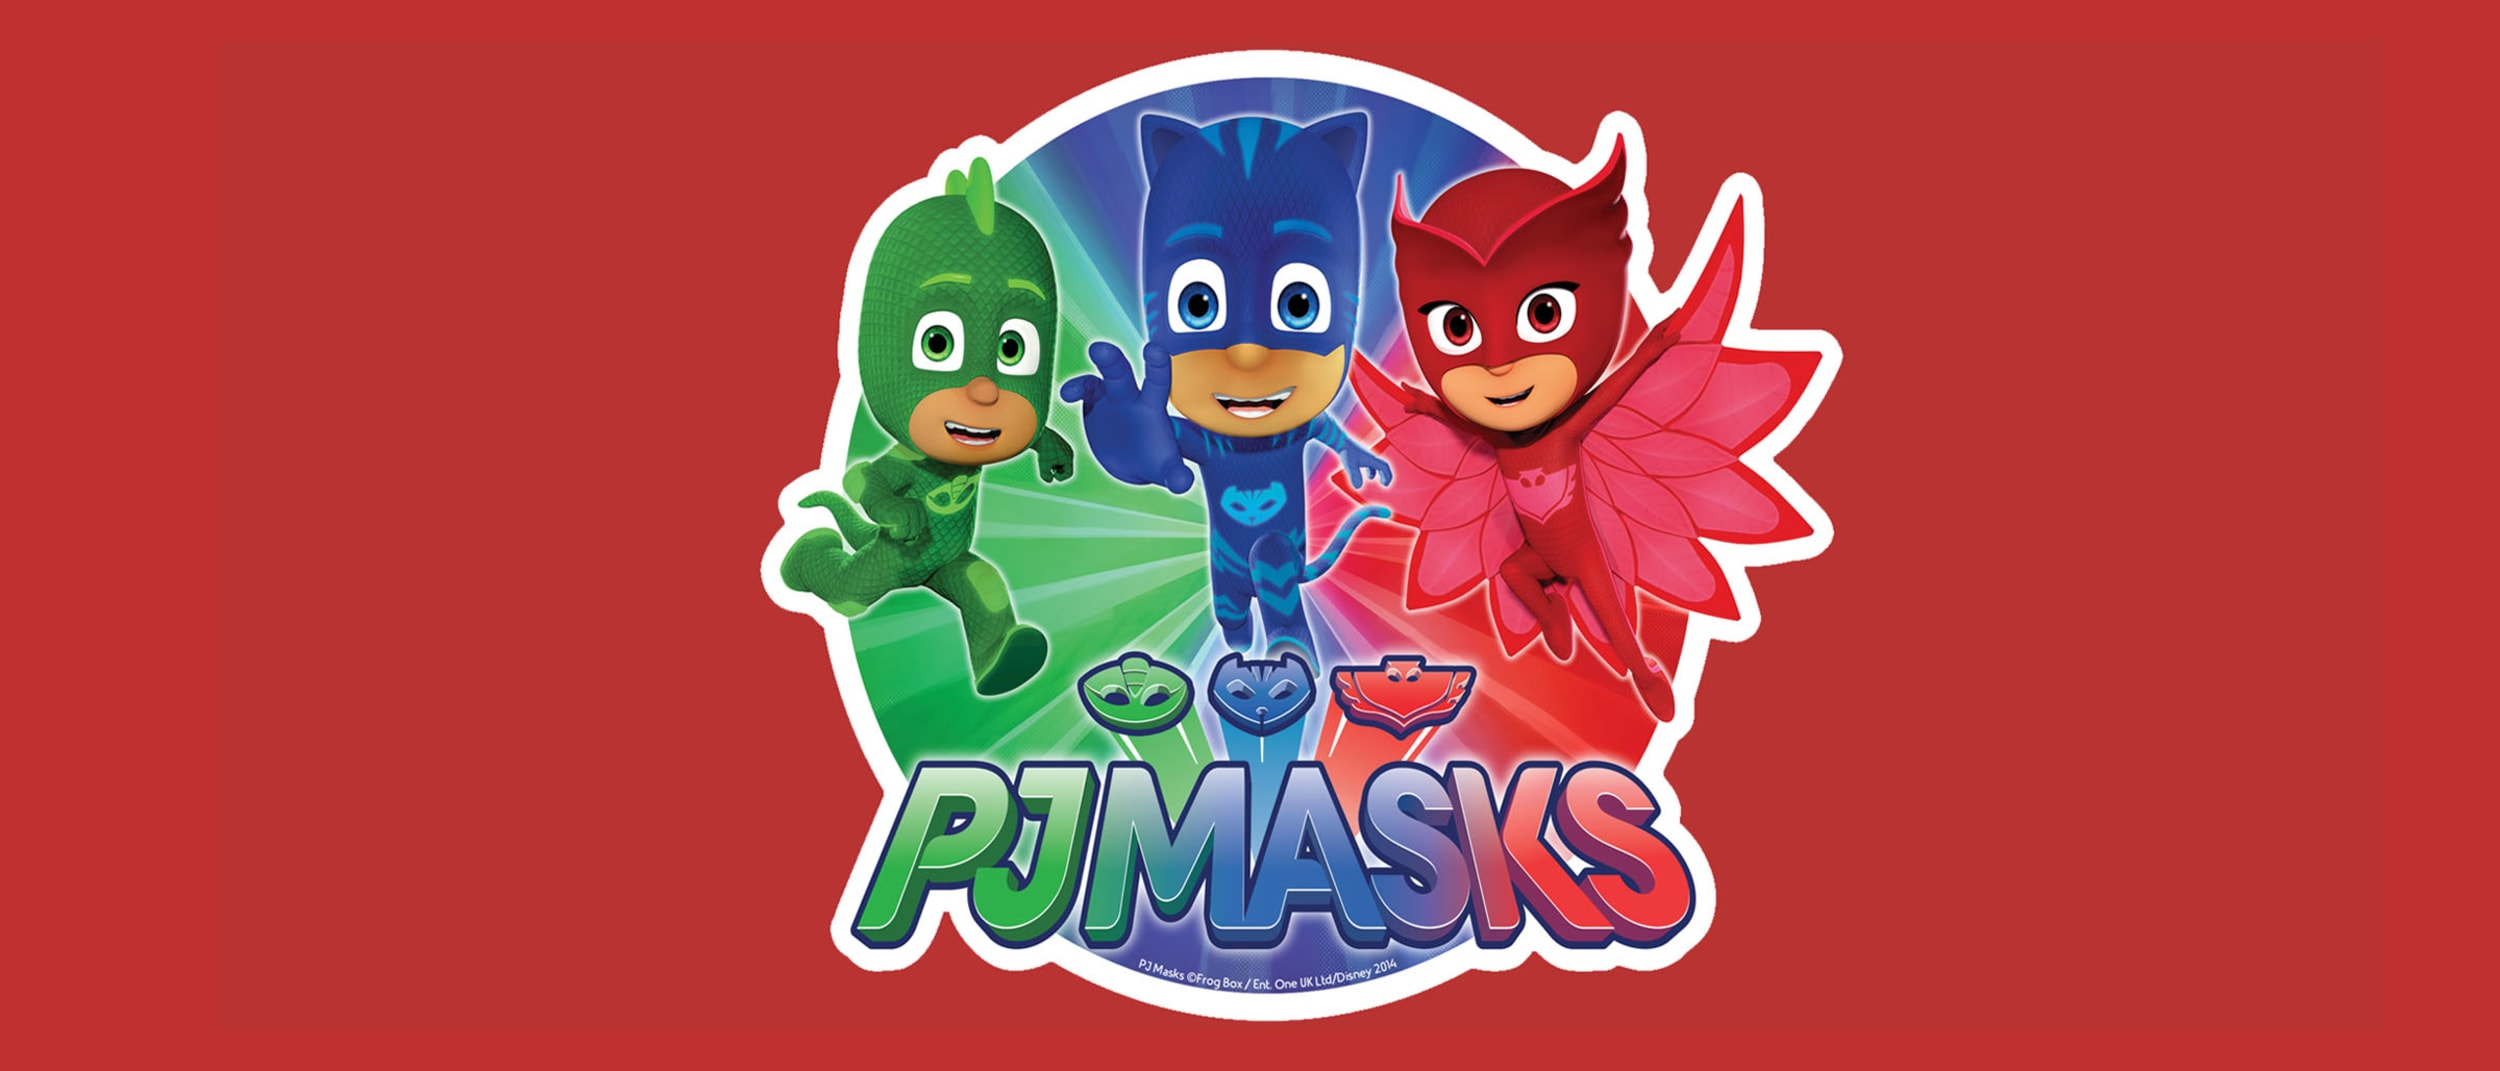 PJ MASKS: Meet Catboy, Owlette and Gekko